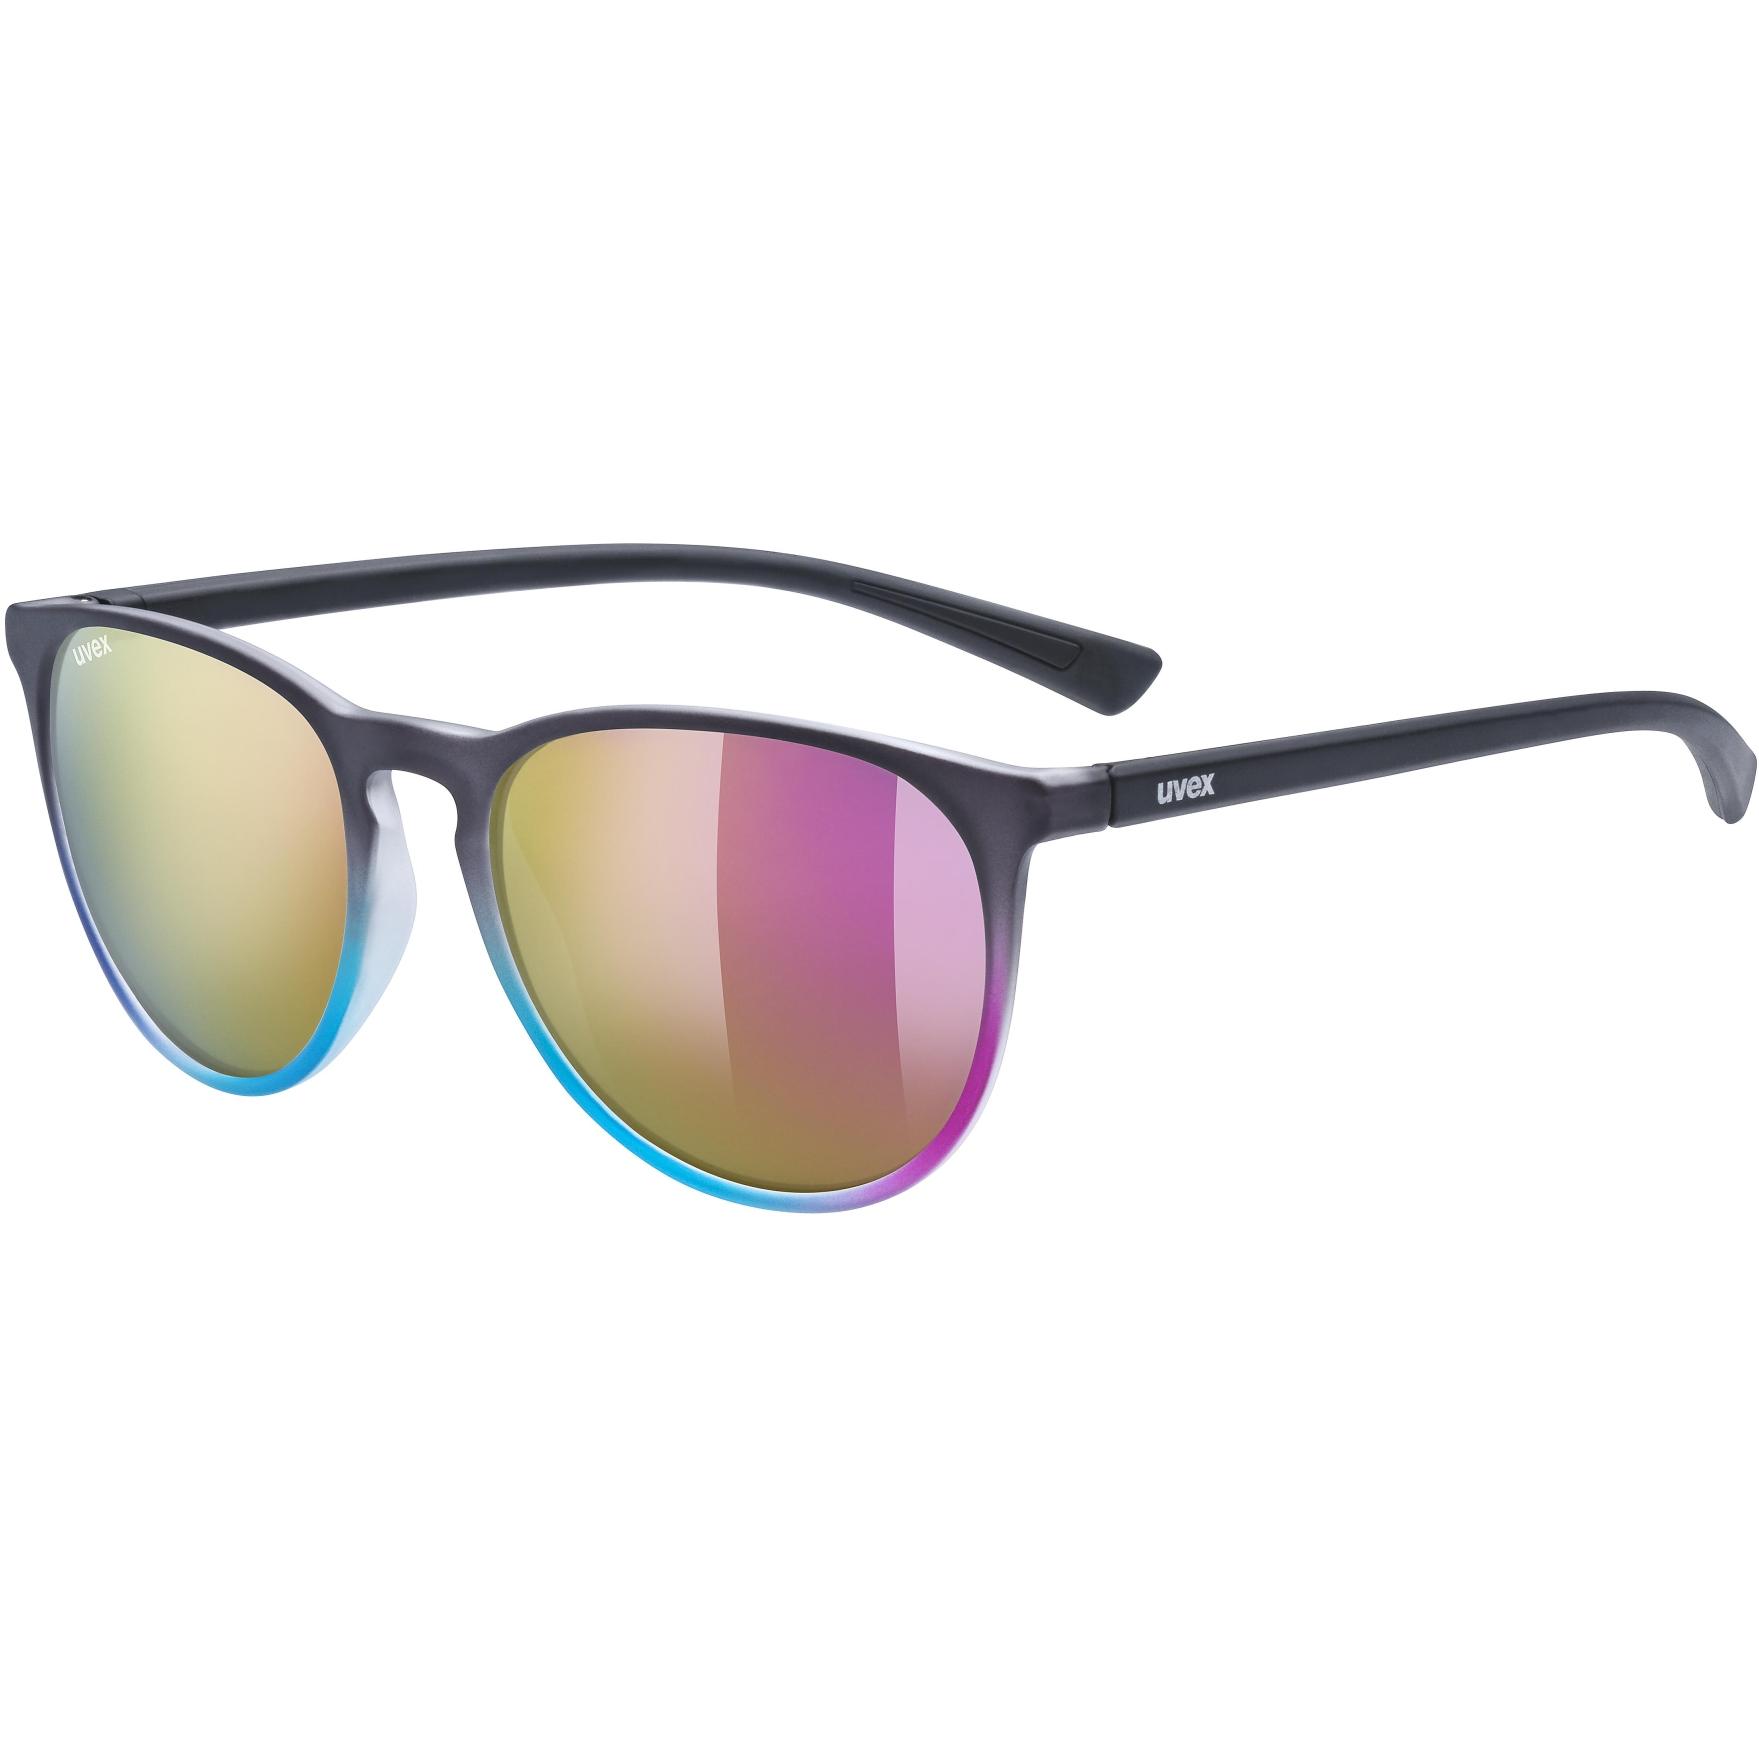 Uvex lgl 43 Brille - multicolor/mirror pink